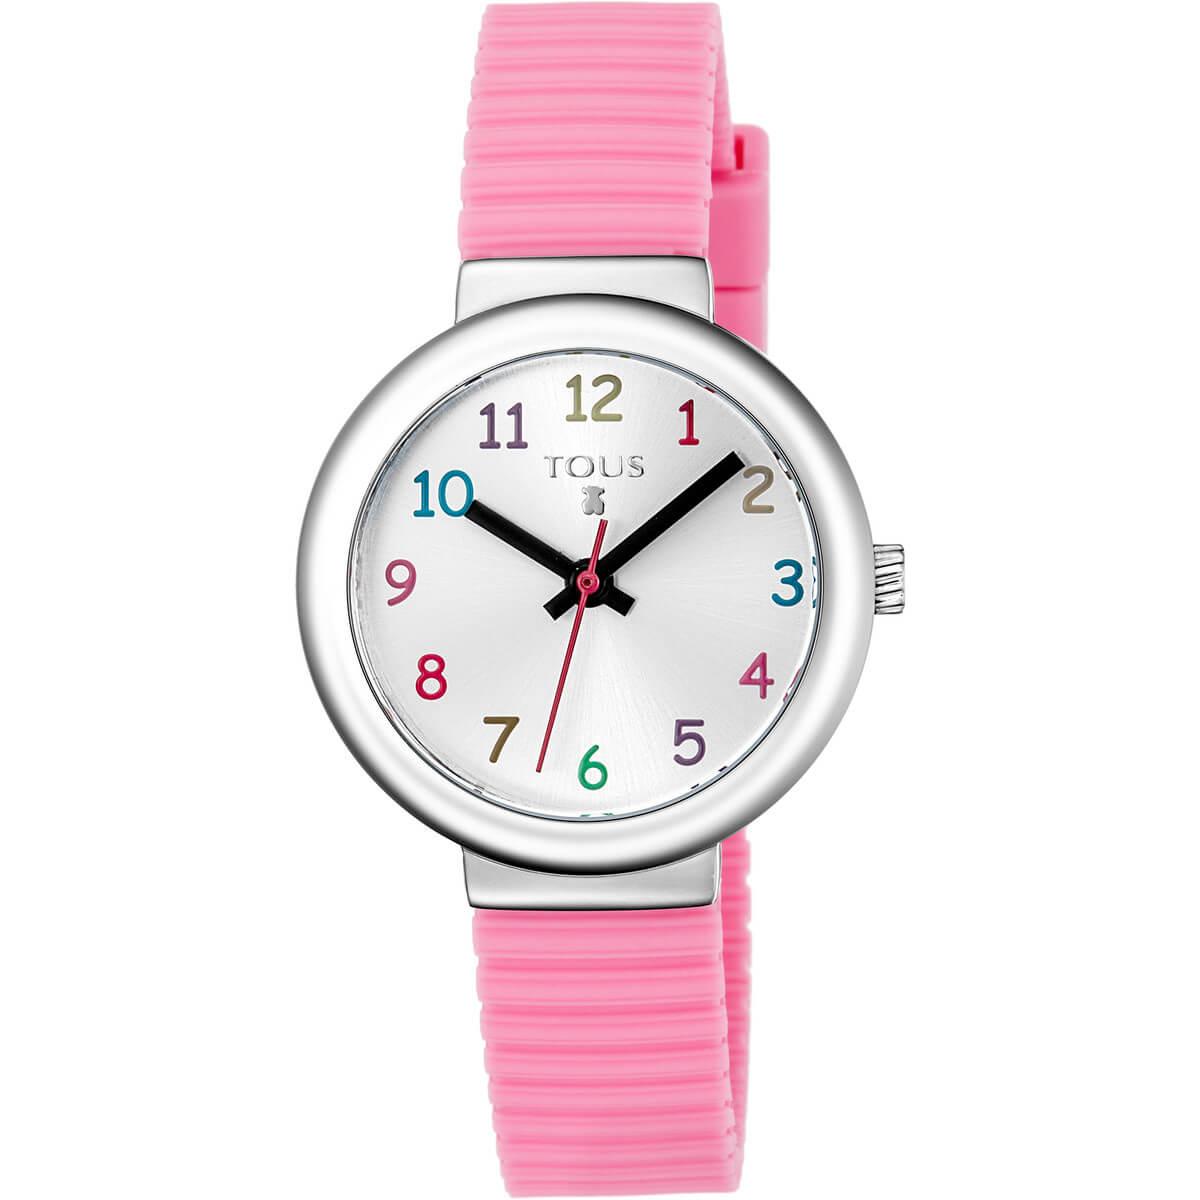 Reloj tous niña con correa de caucho rosa, esfera en color plata y indices de colores. diametro de la caja de 29 mm